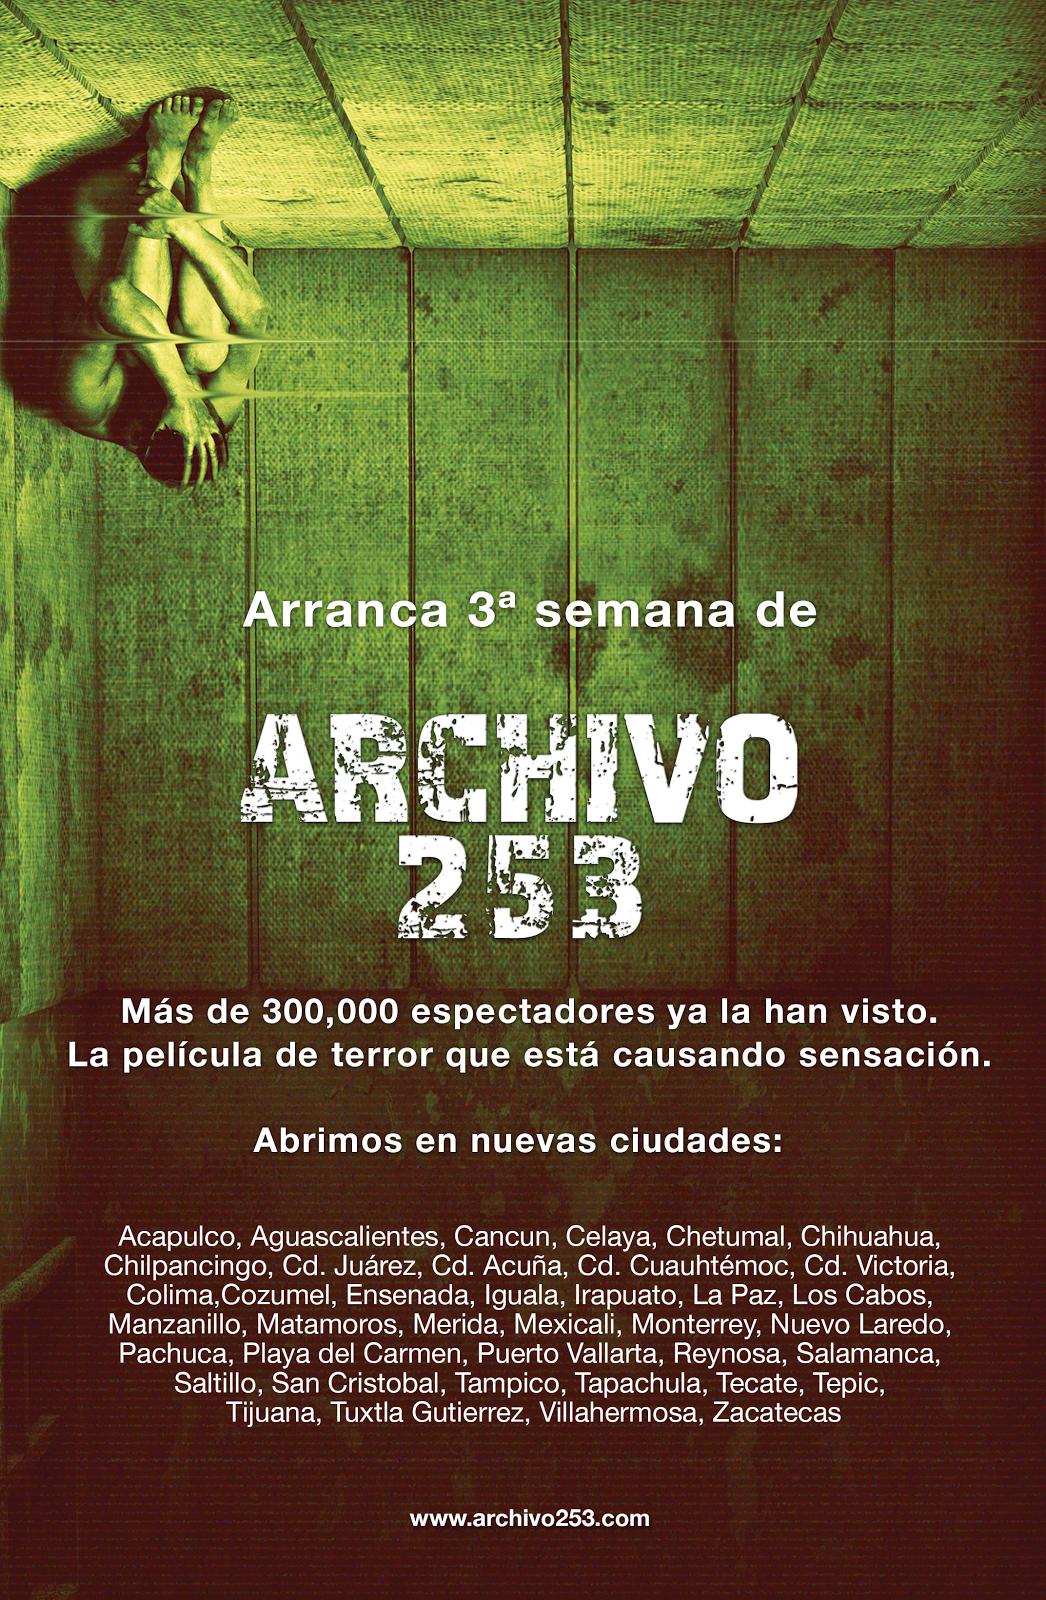 Archivo 253 (2015)